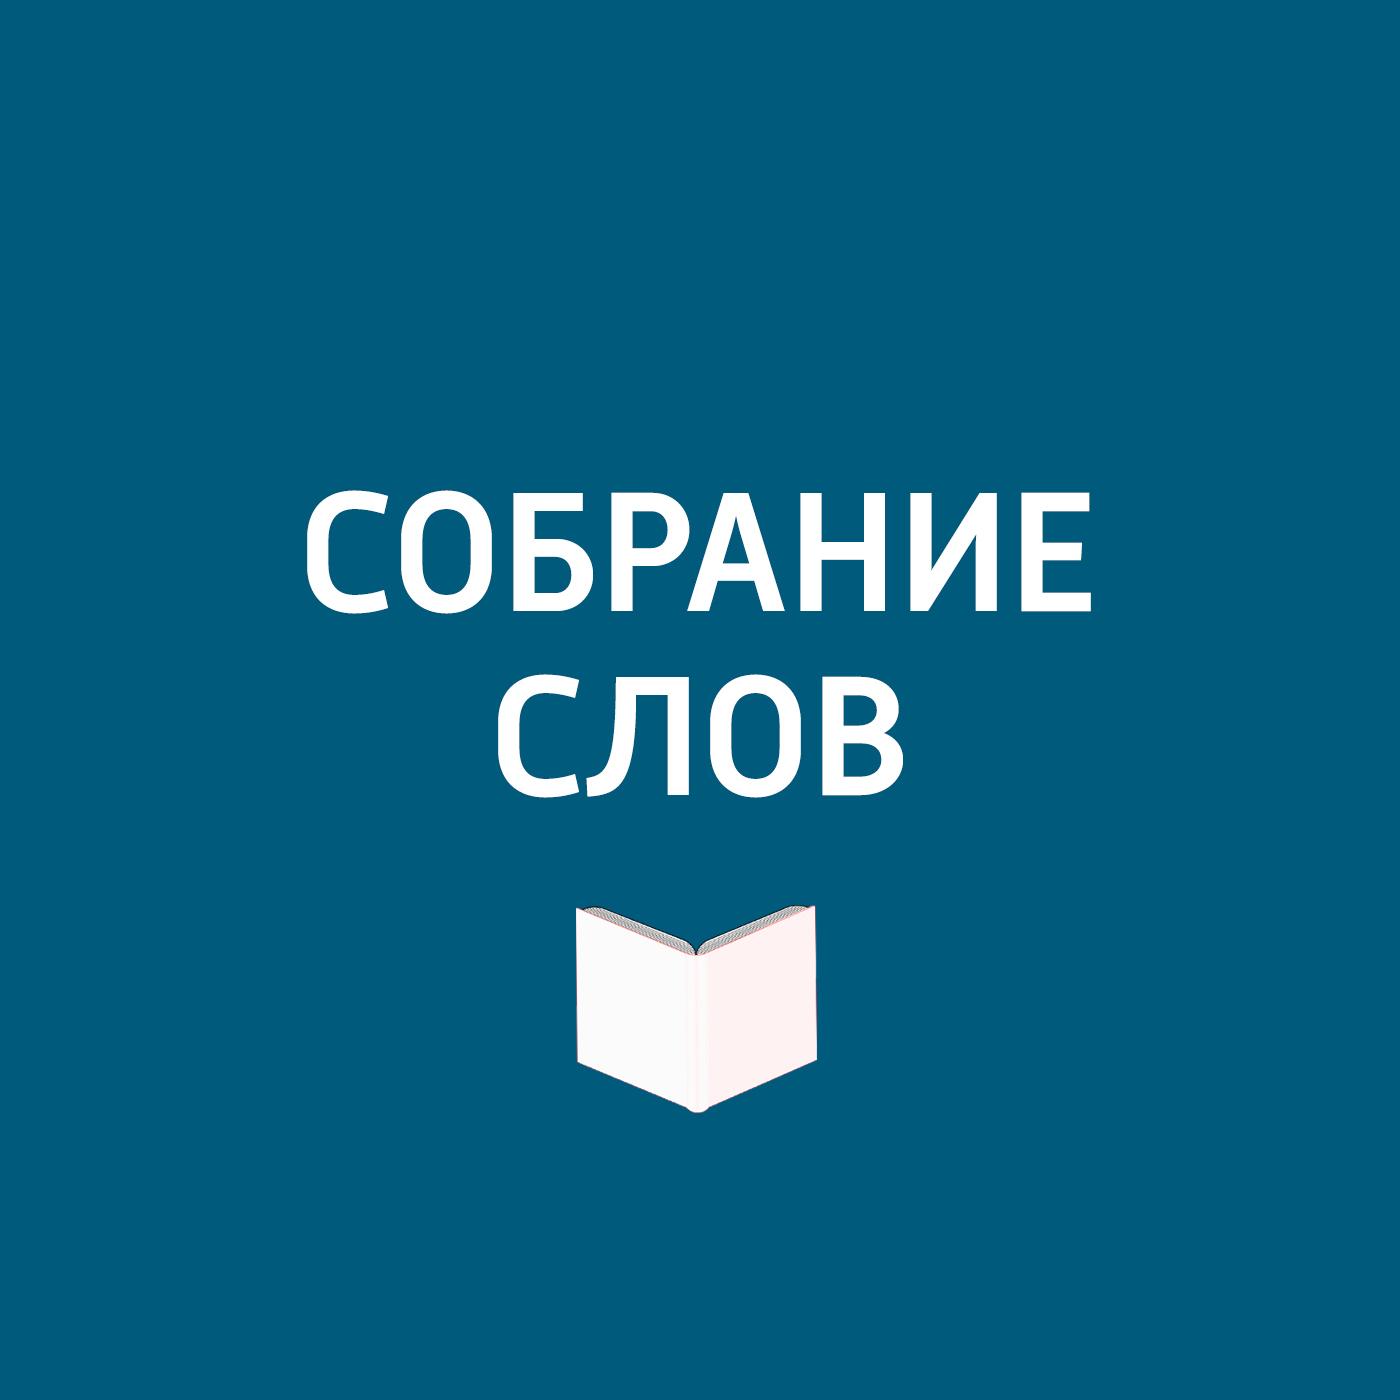 Творческий коллектив программы «Собрание слов» Большое интервью Евгения Григорьева цена